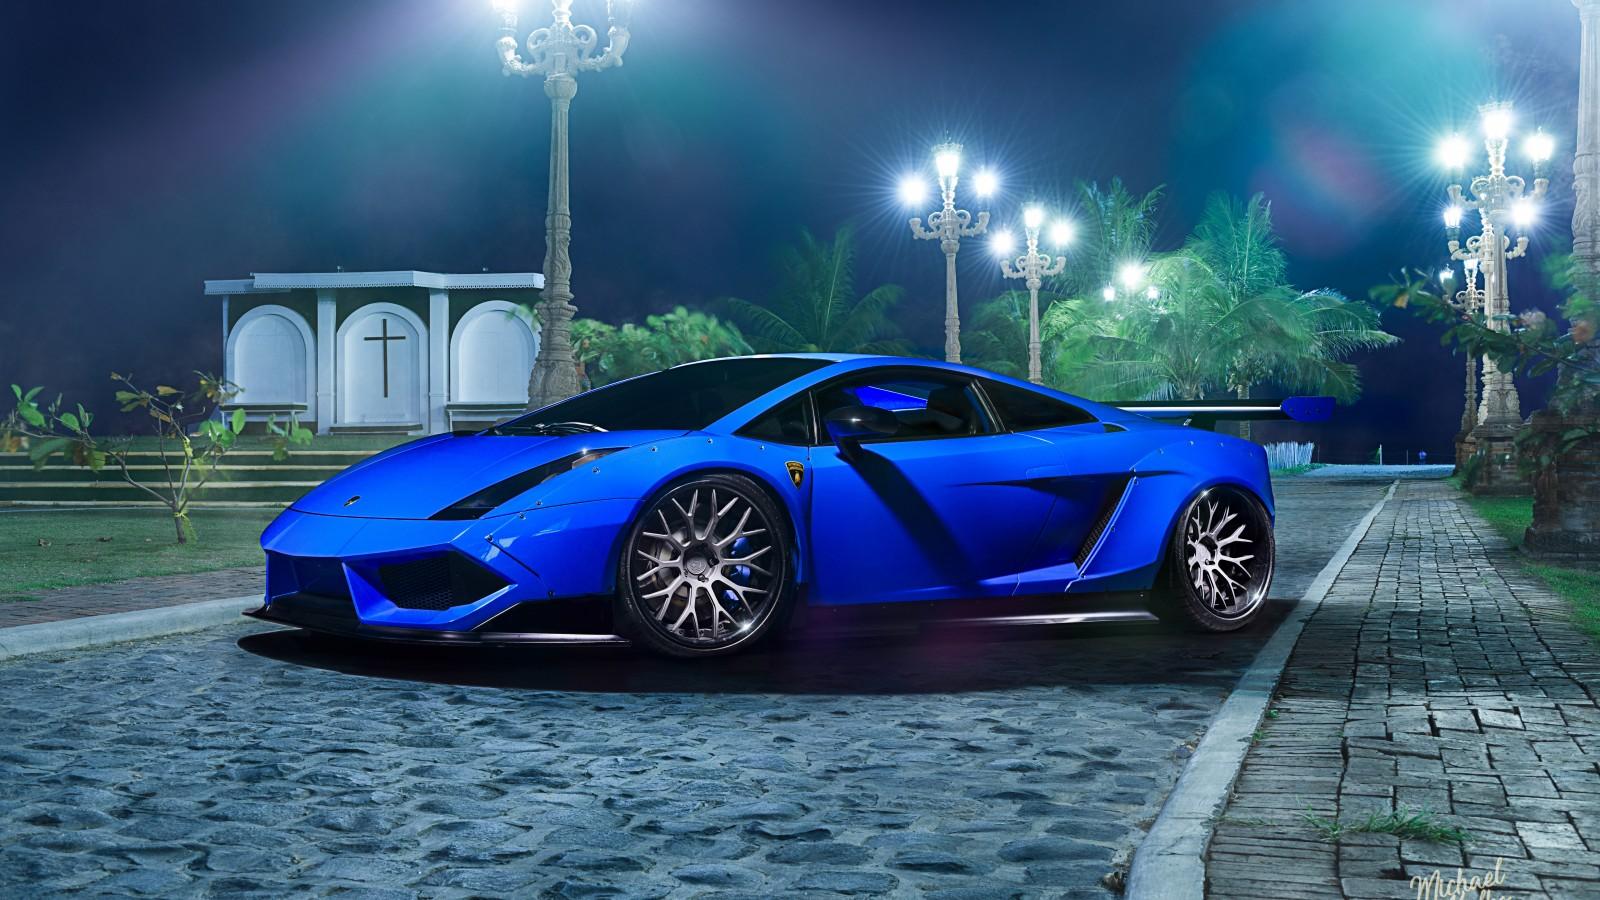 Lamborghini Gallardo 4K 8K Wallpaper | HD Car Wallpapers ...